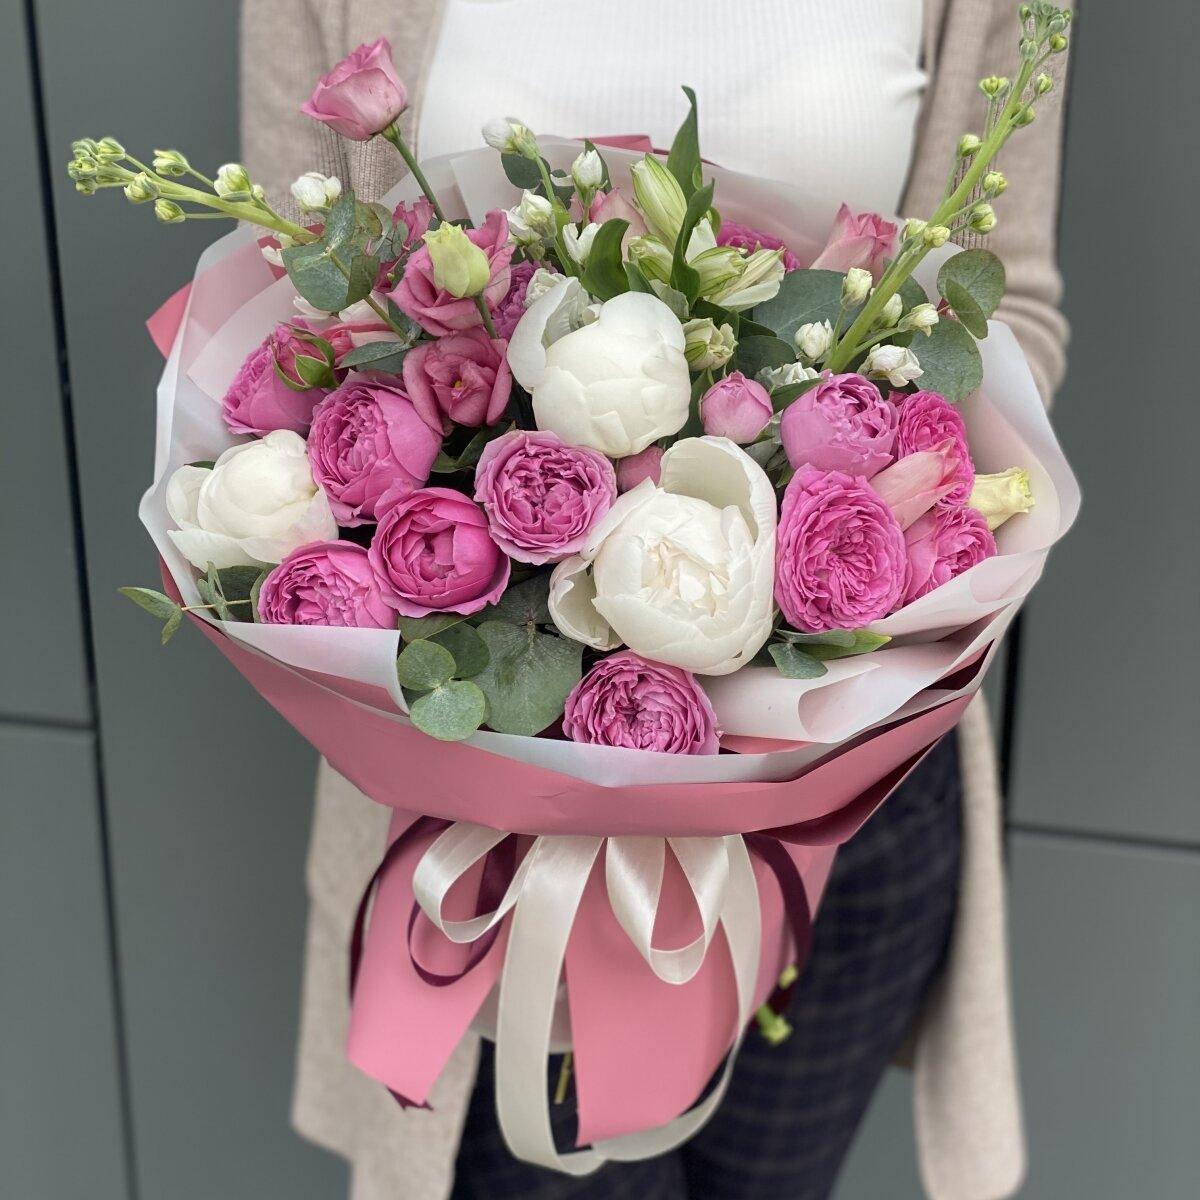 Букет Воздушный замок из пионов, кустовой пионовидной розы, маттиолы и эустомы